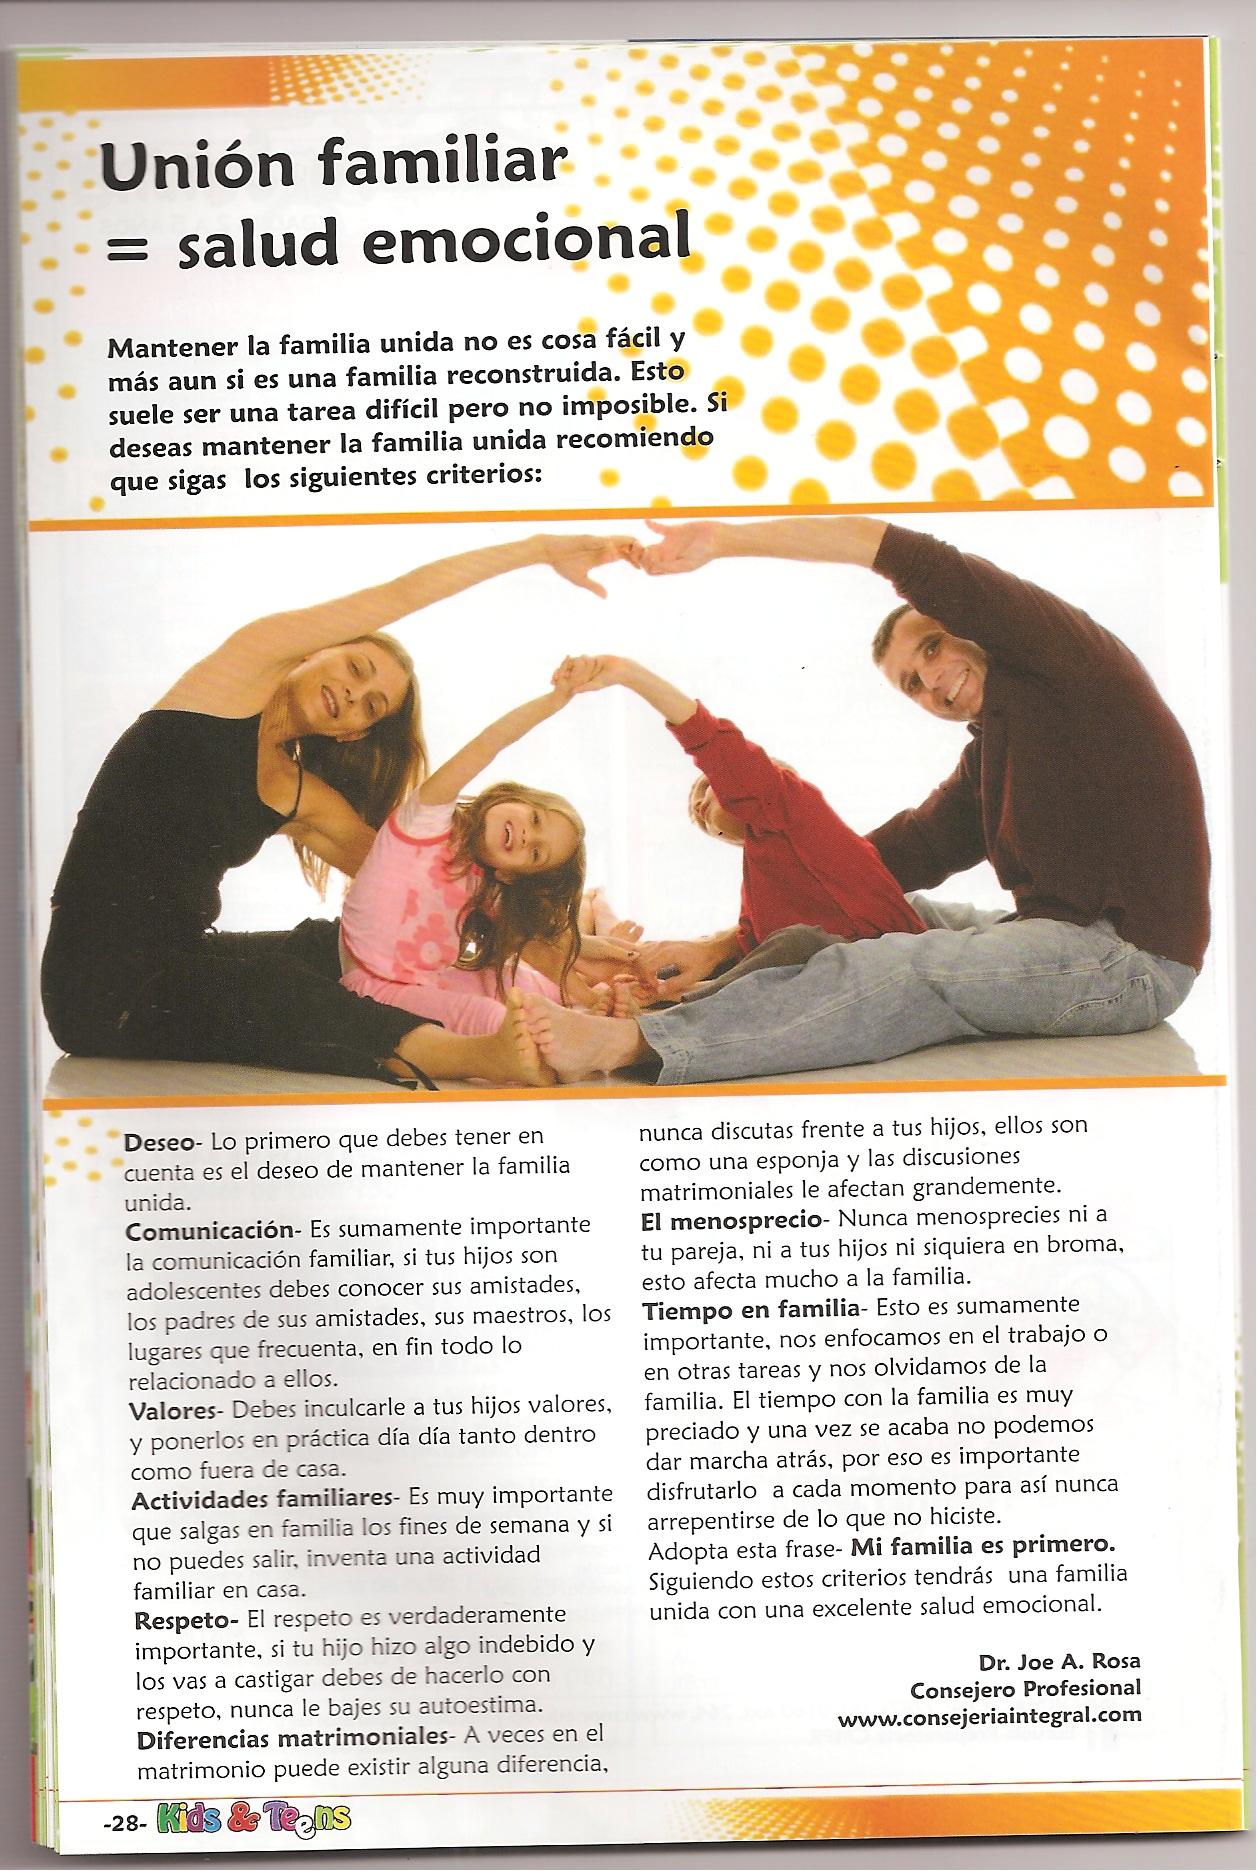 Unión familiar = a salud emocional